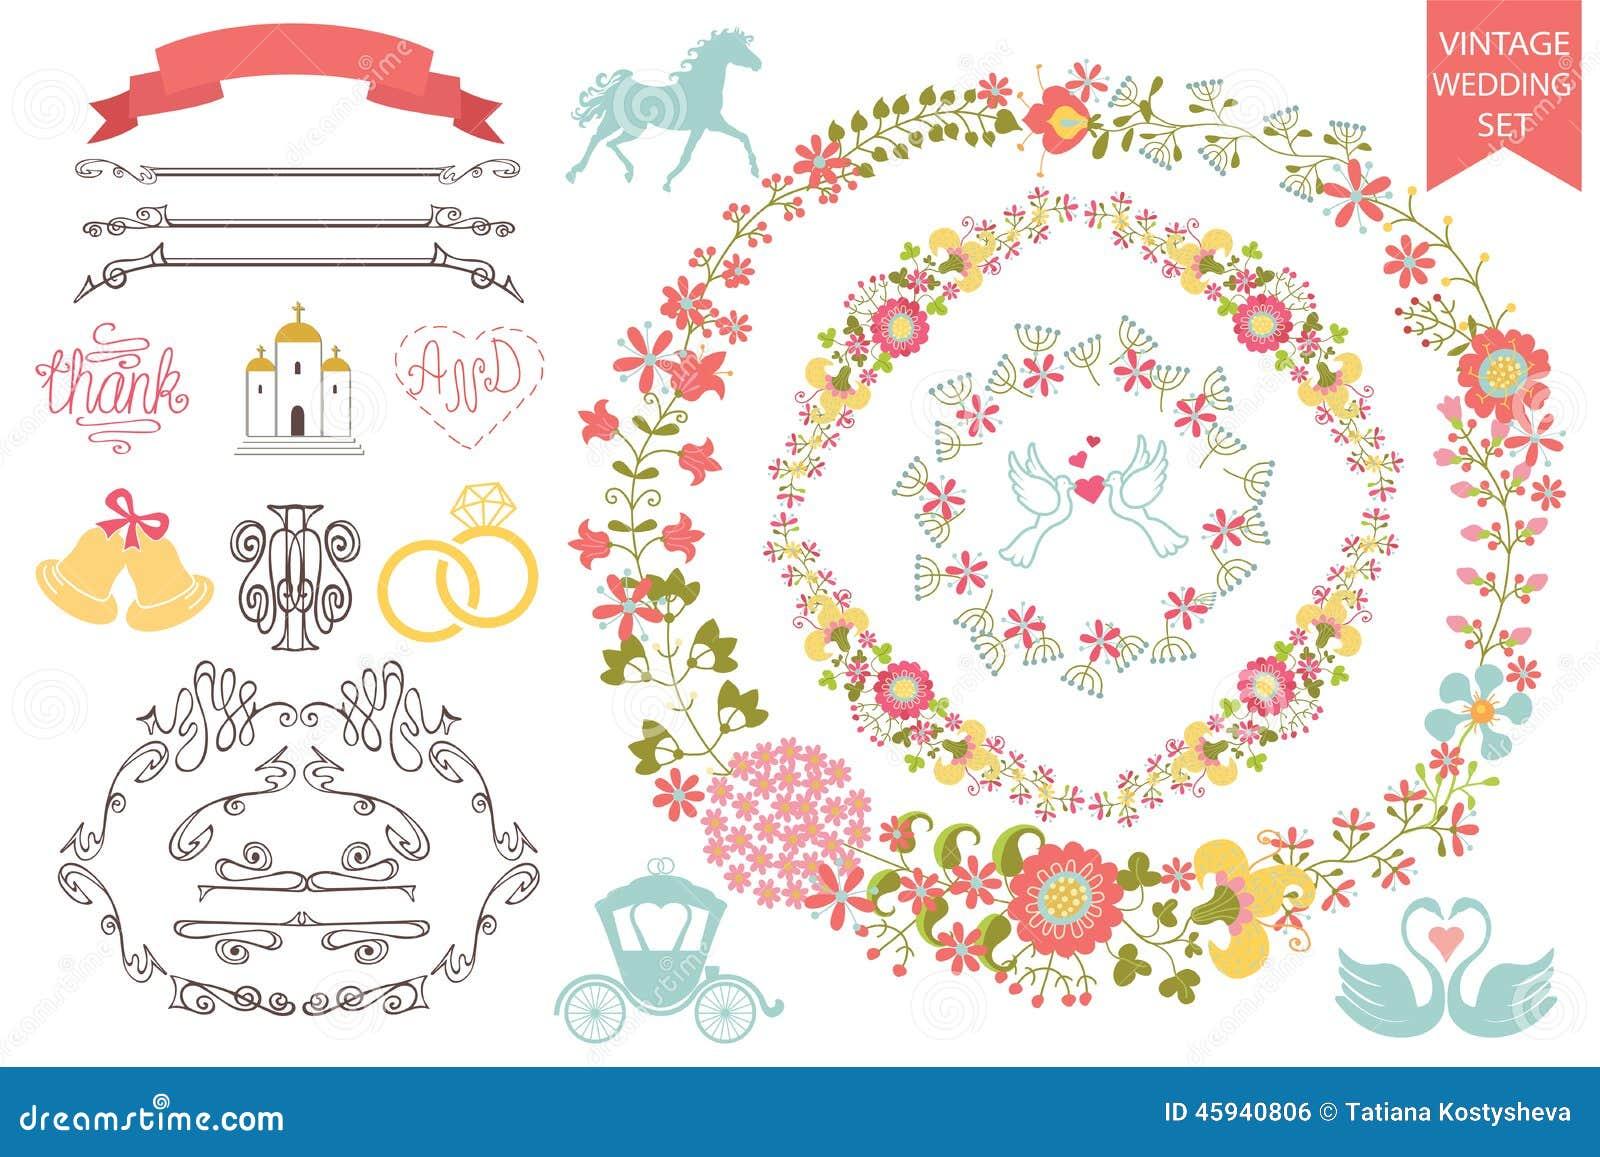 vintage wedding set floral wreath icons swirling stock vector image 45940806. Black Bedroom Furniture Sets. Home Design Ideas